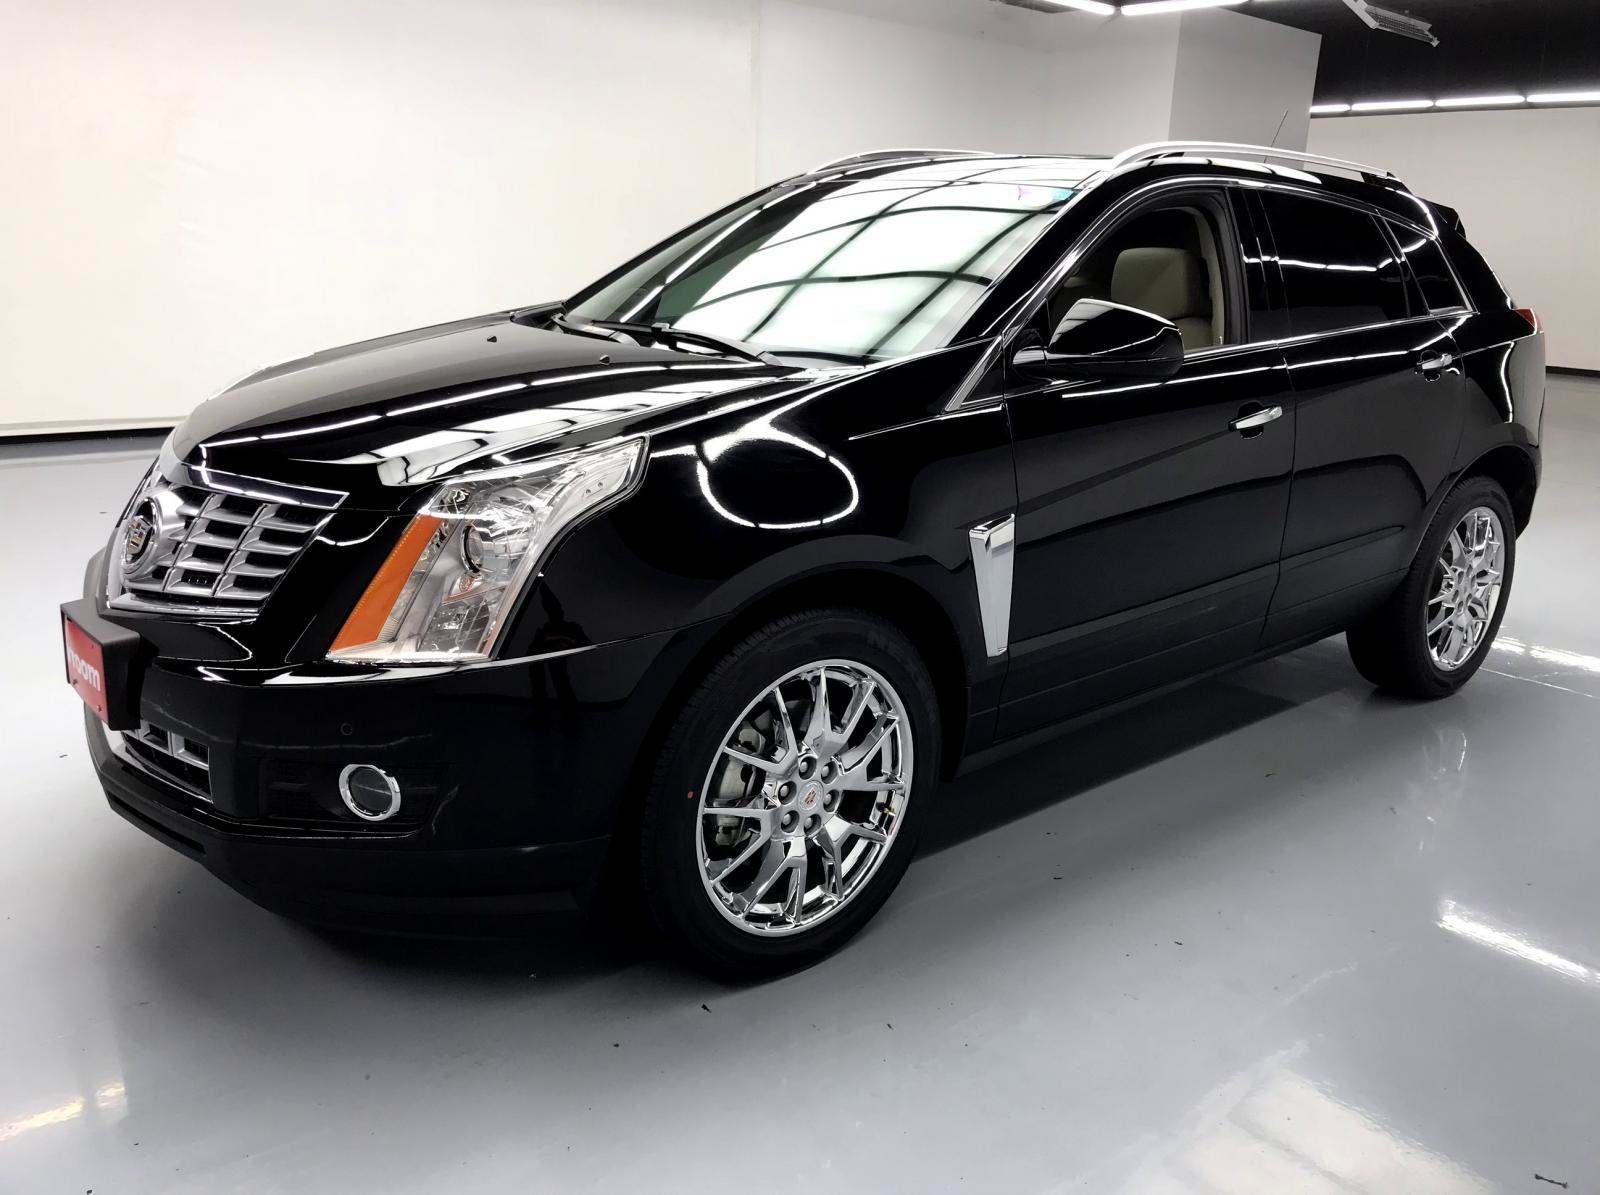 used Cadillac SRX 2015 vin: 3GYFNCE32FS537772